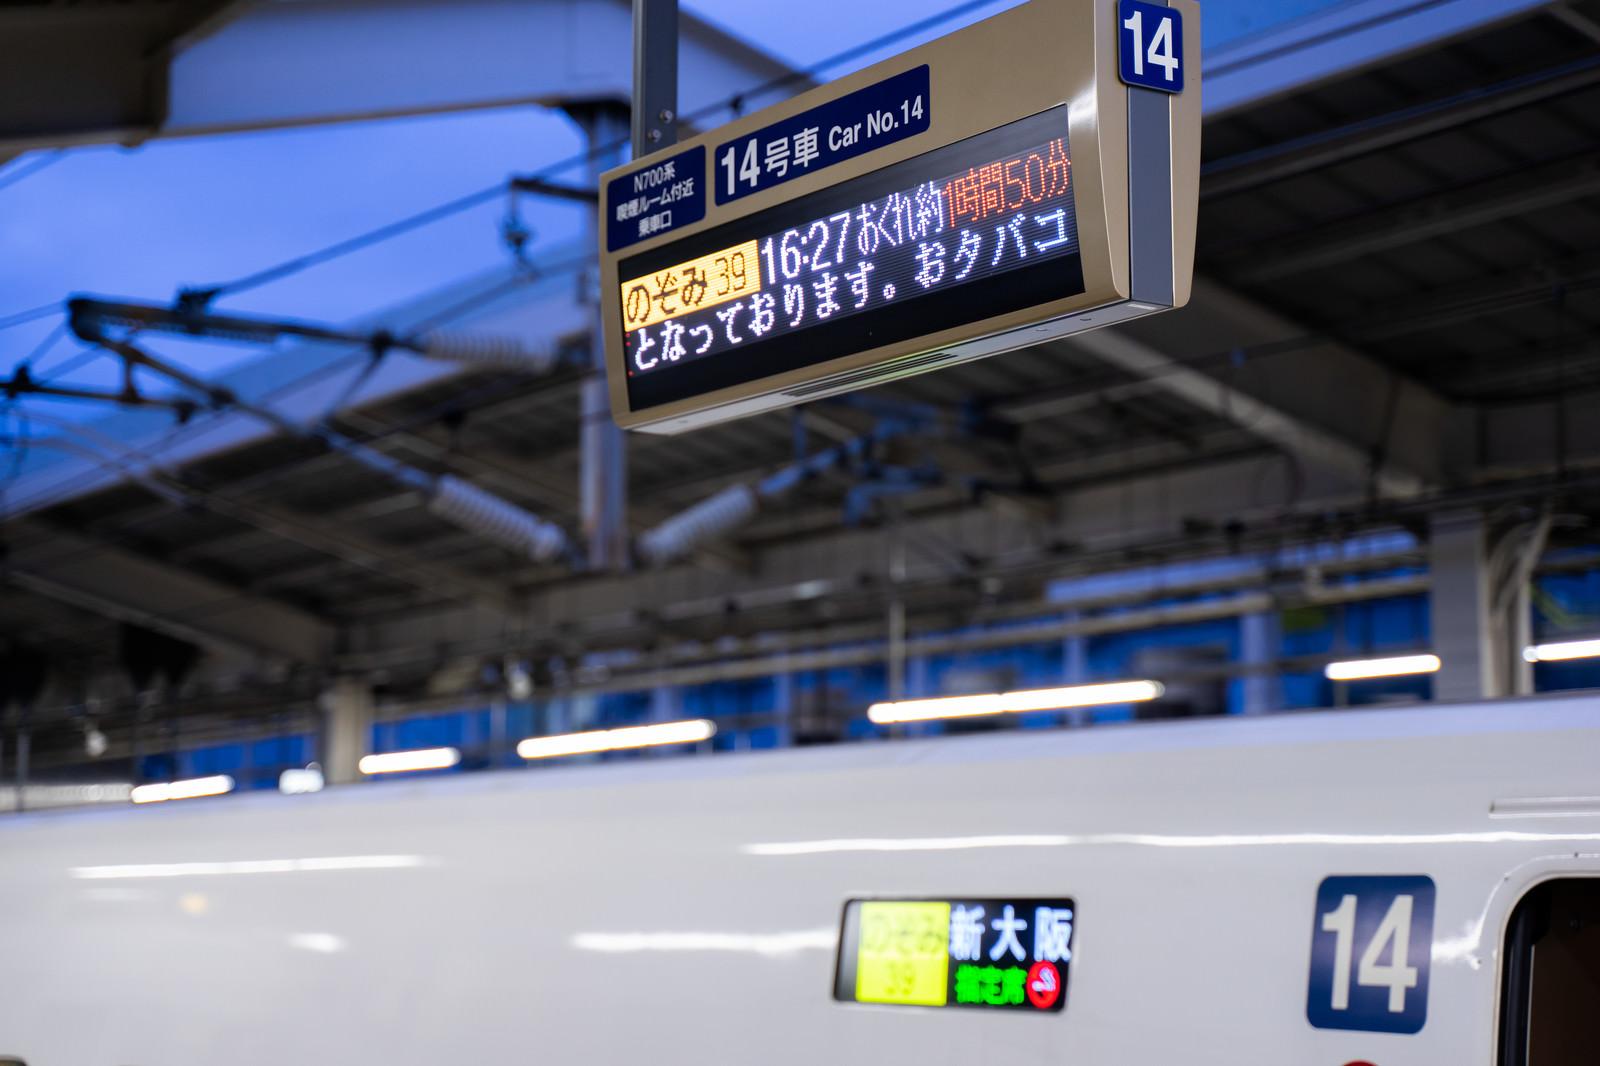 たまになんjにいるヤベェ奴「新幹線の乗り方分からない」「飛行機の乗り方分からない」